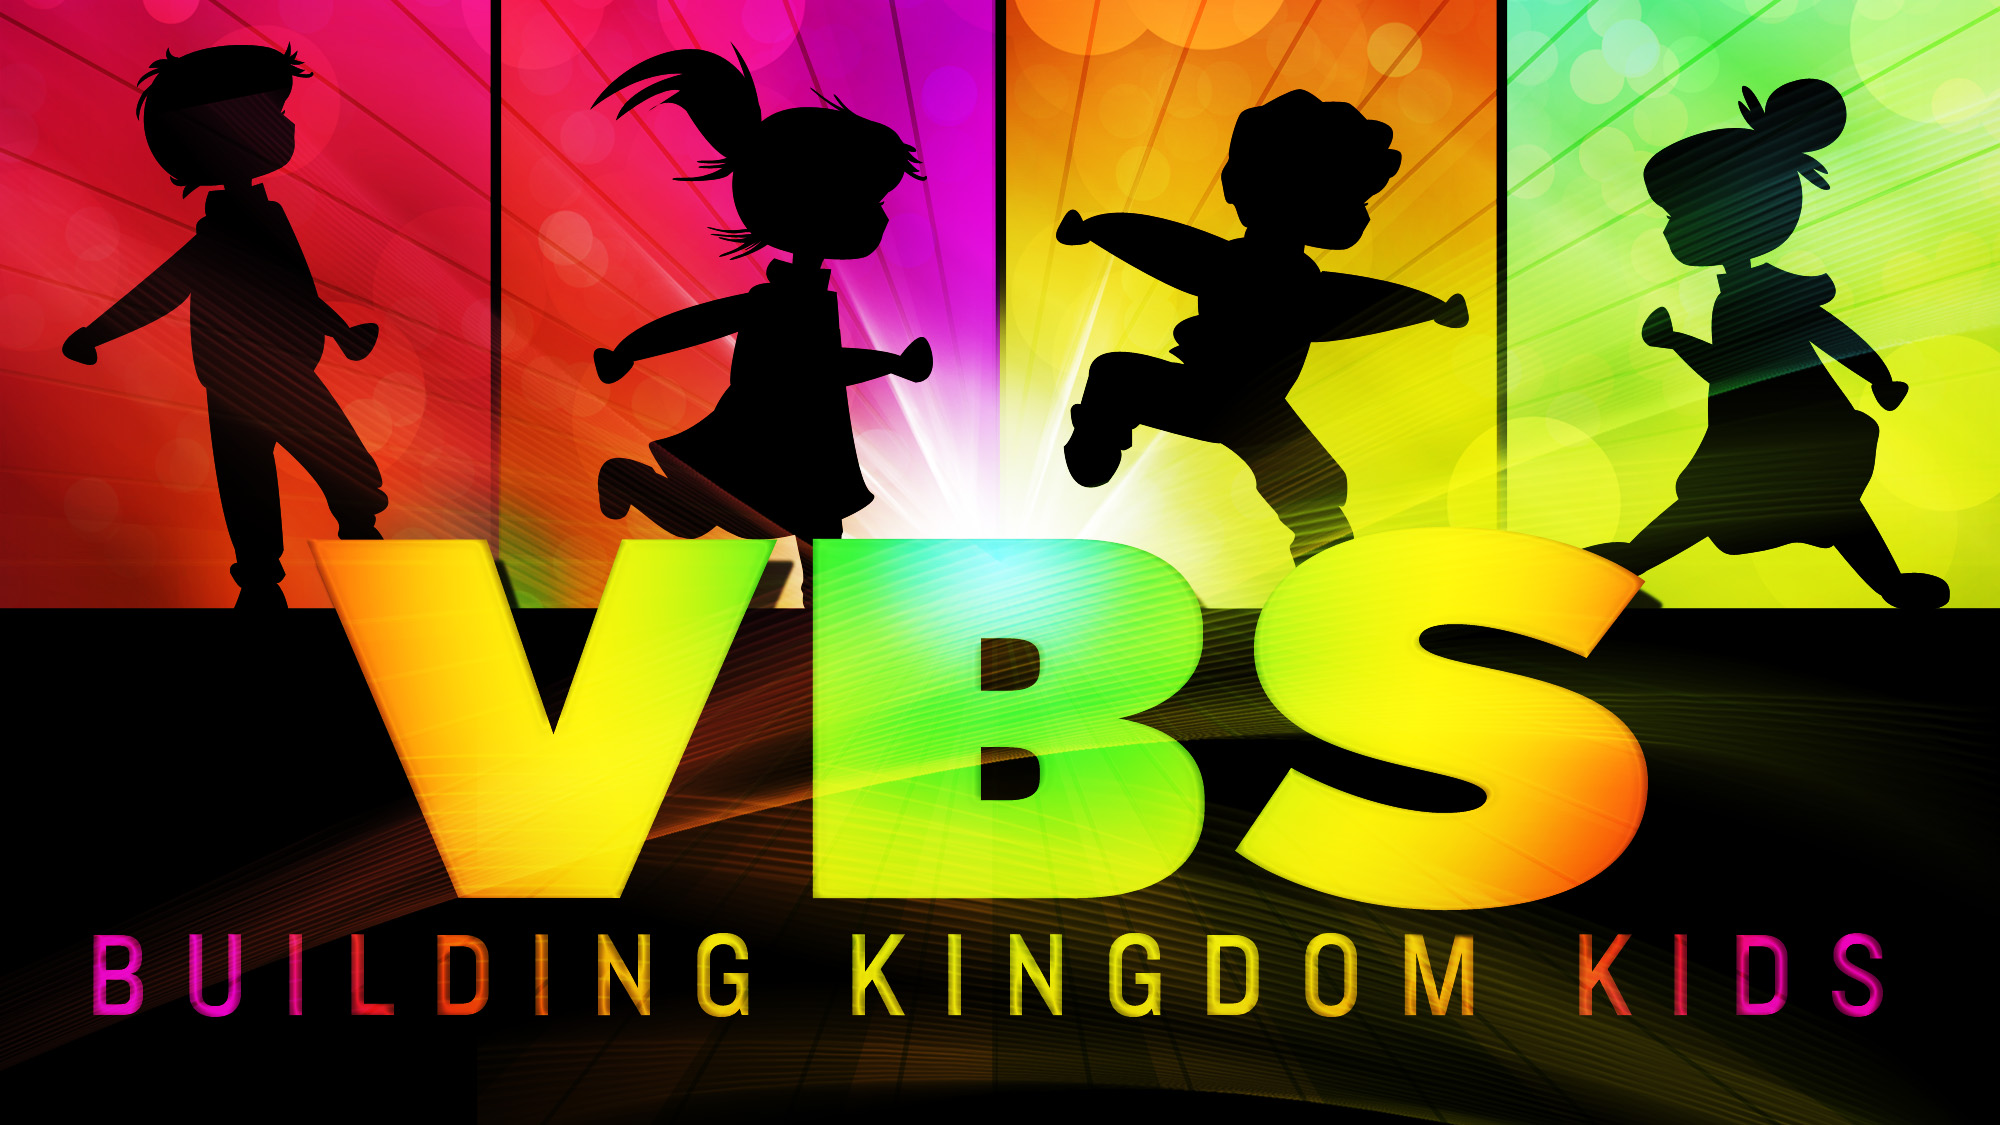 Vbs wide t original